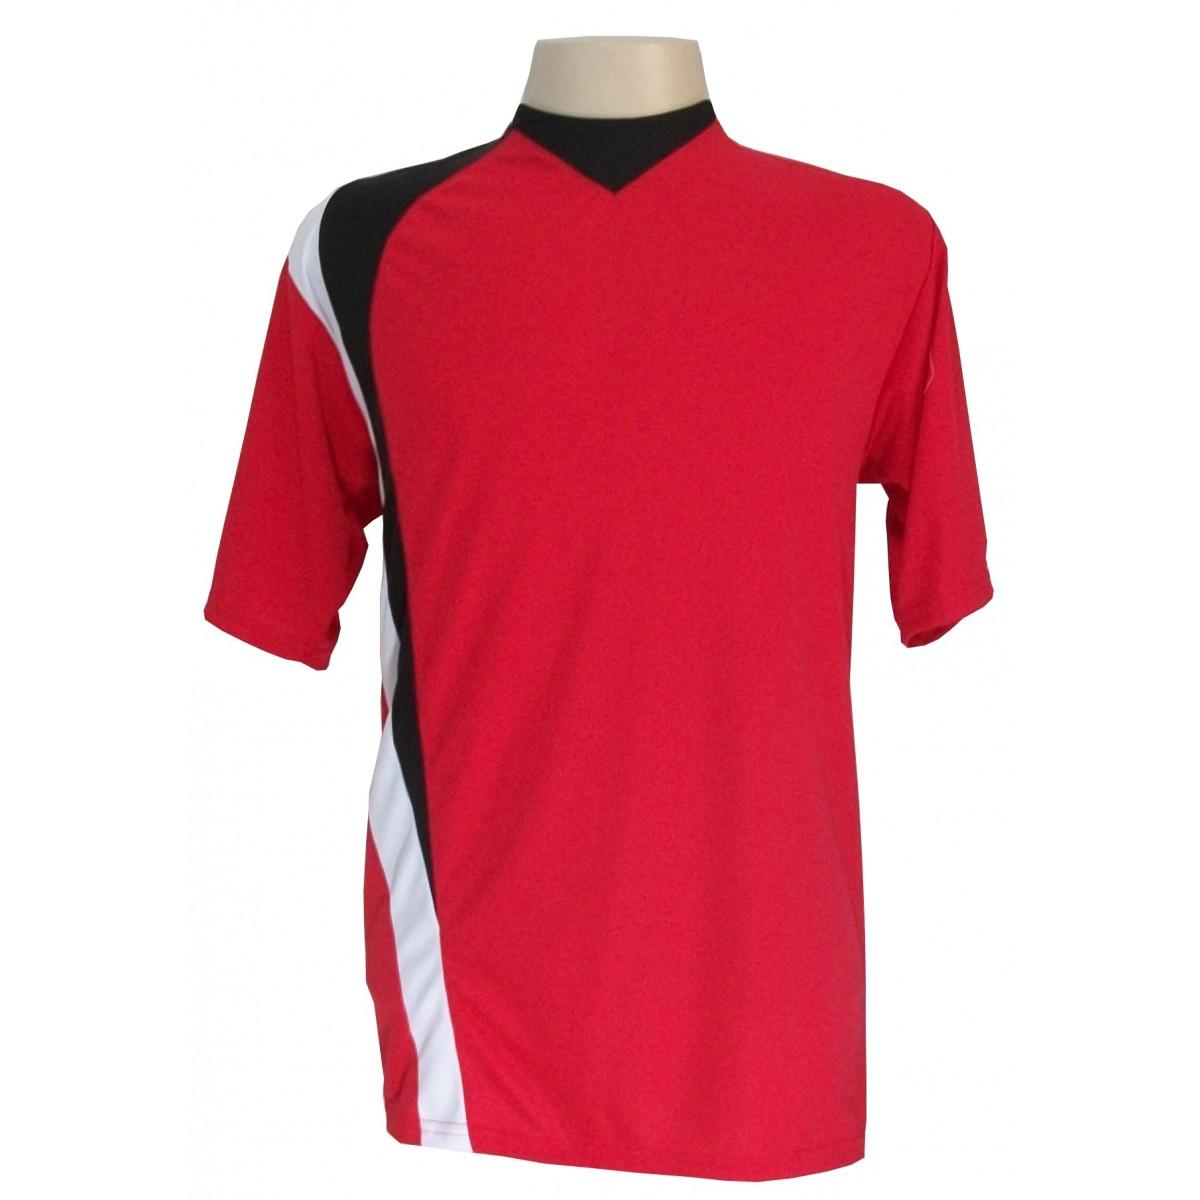 Uniforme Esportivo com 14 camisas modelo PSG Vermelho/Preto/Branco + 14 calções modelo Madrid Preto + Brindes